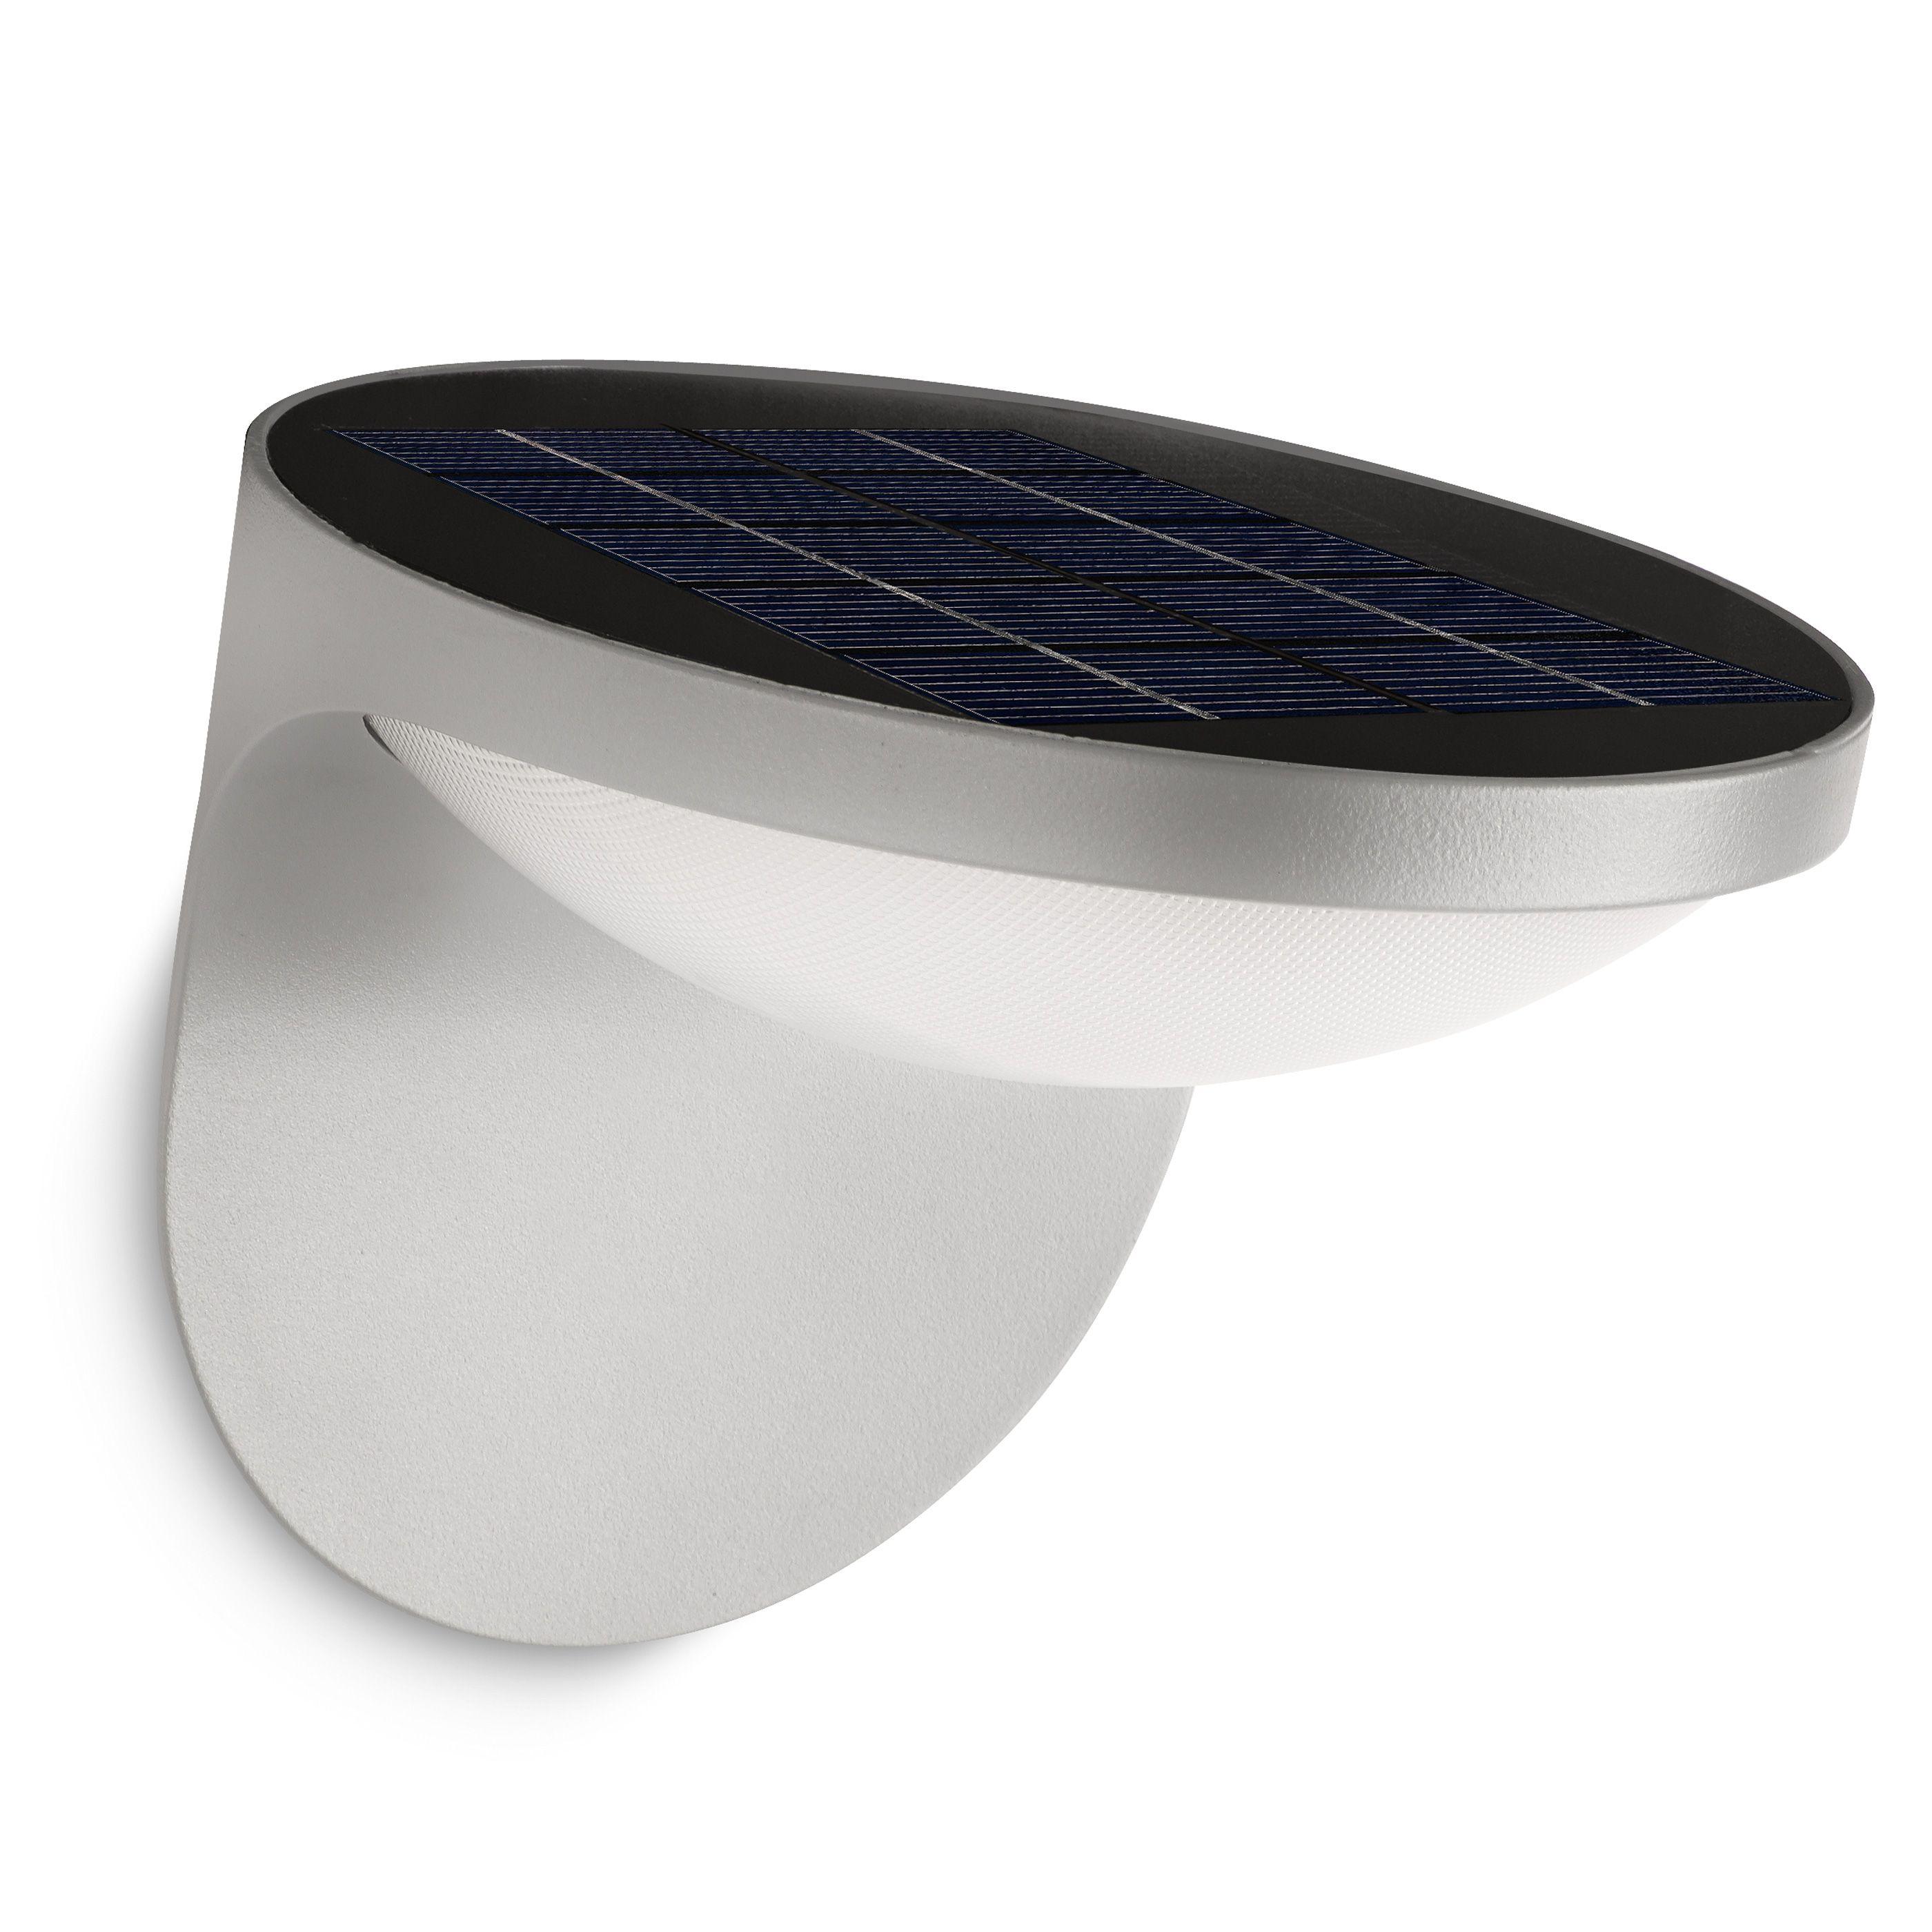 Philips Dusk buitenlamp grijs met zonnecel